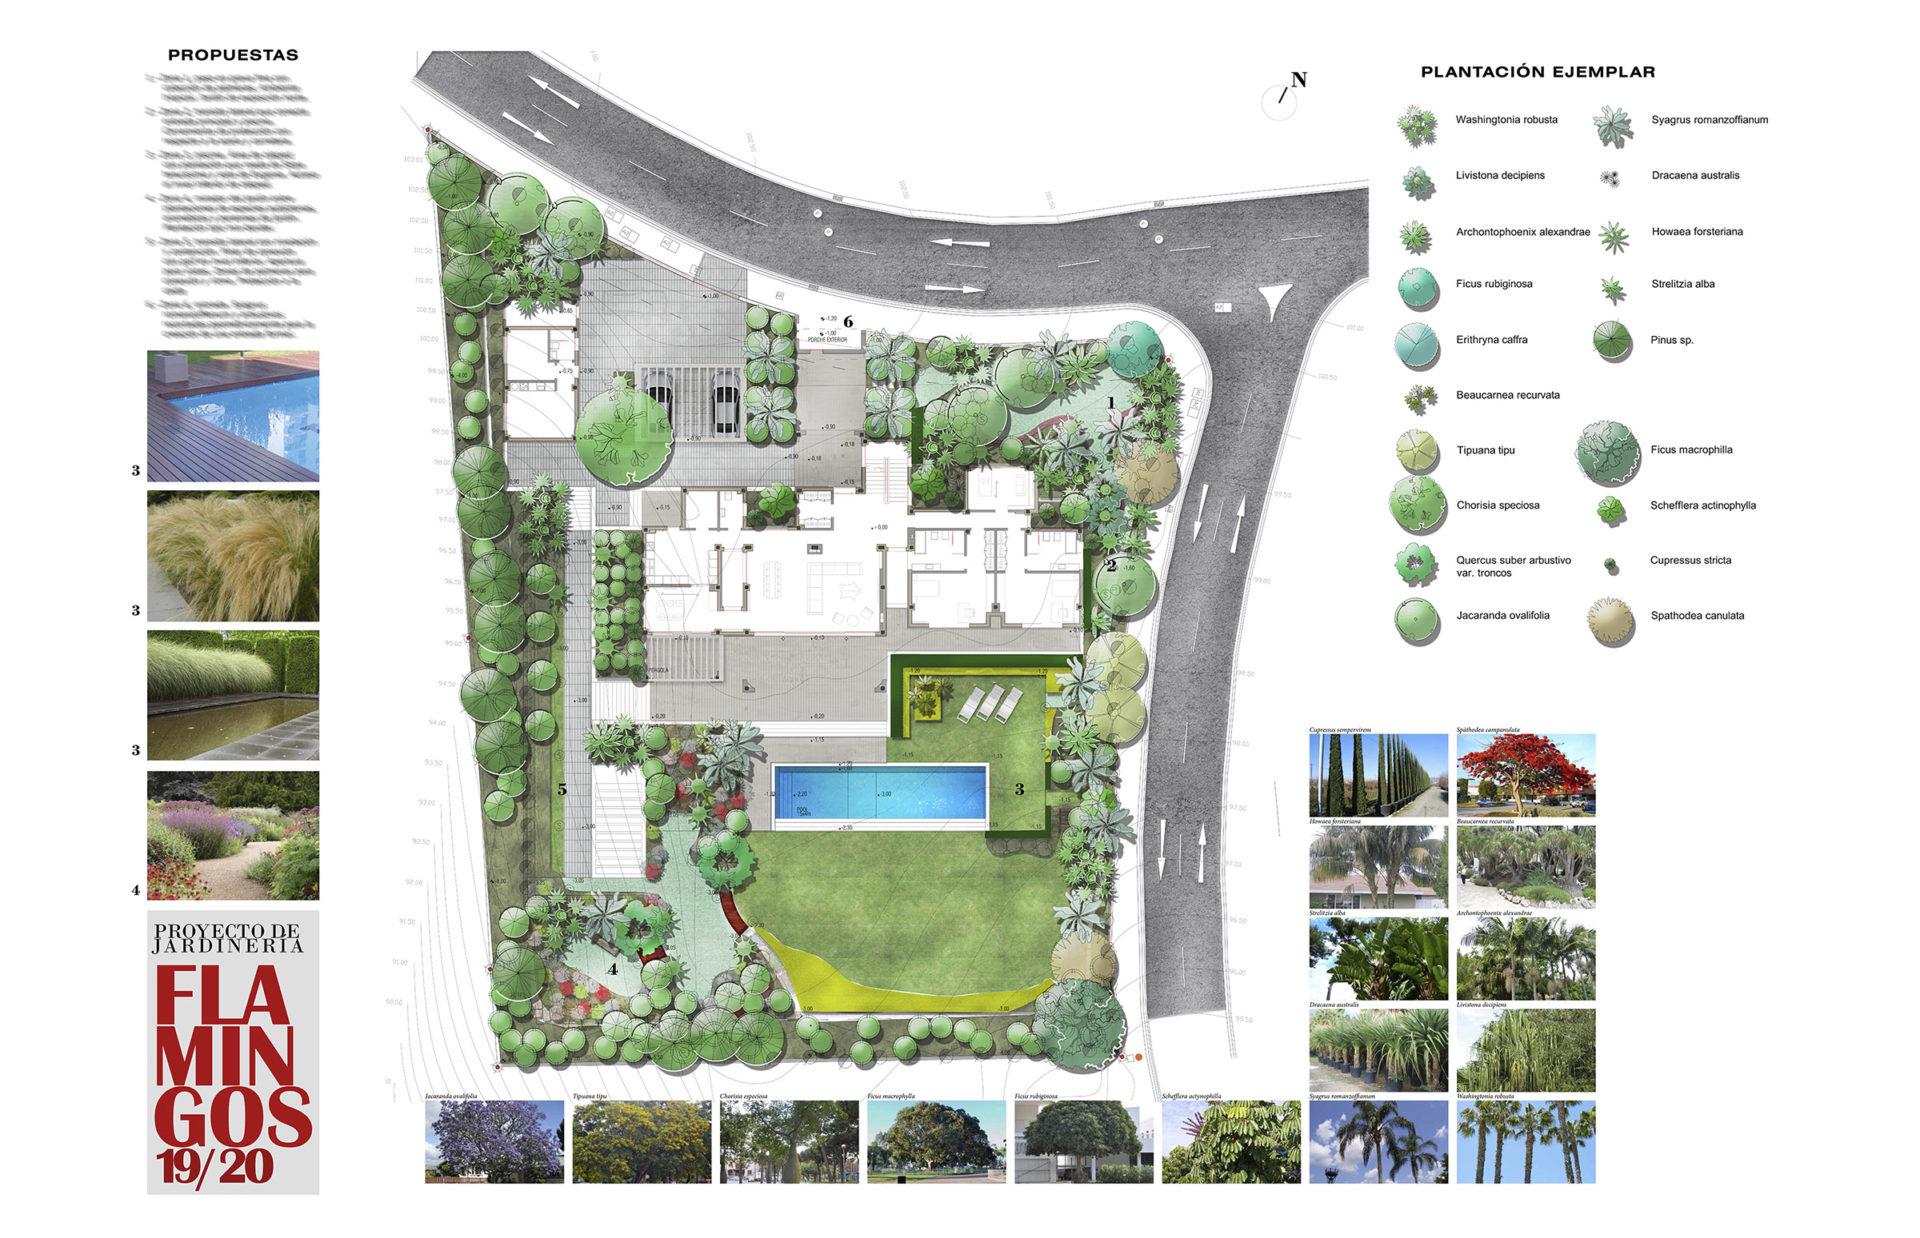 apddesign. Paisajismo y jardinería en Benahavis